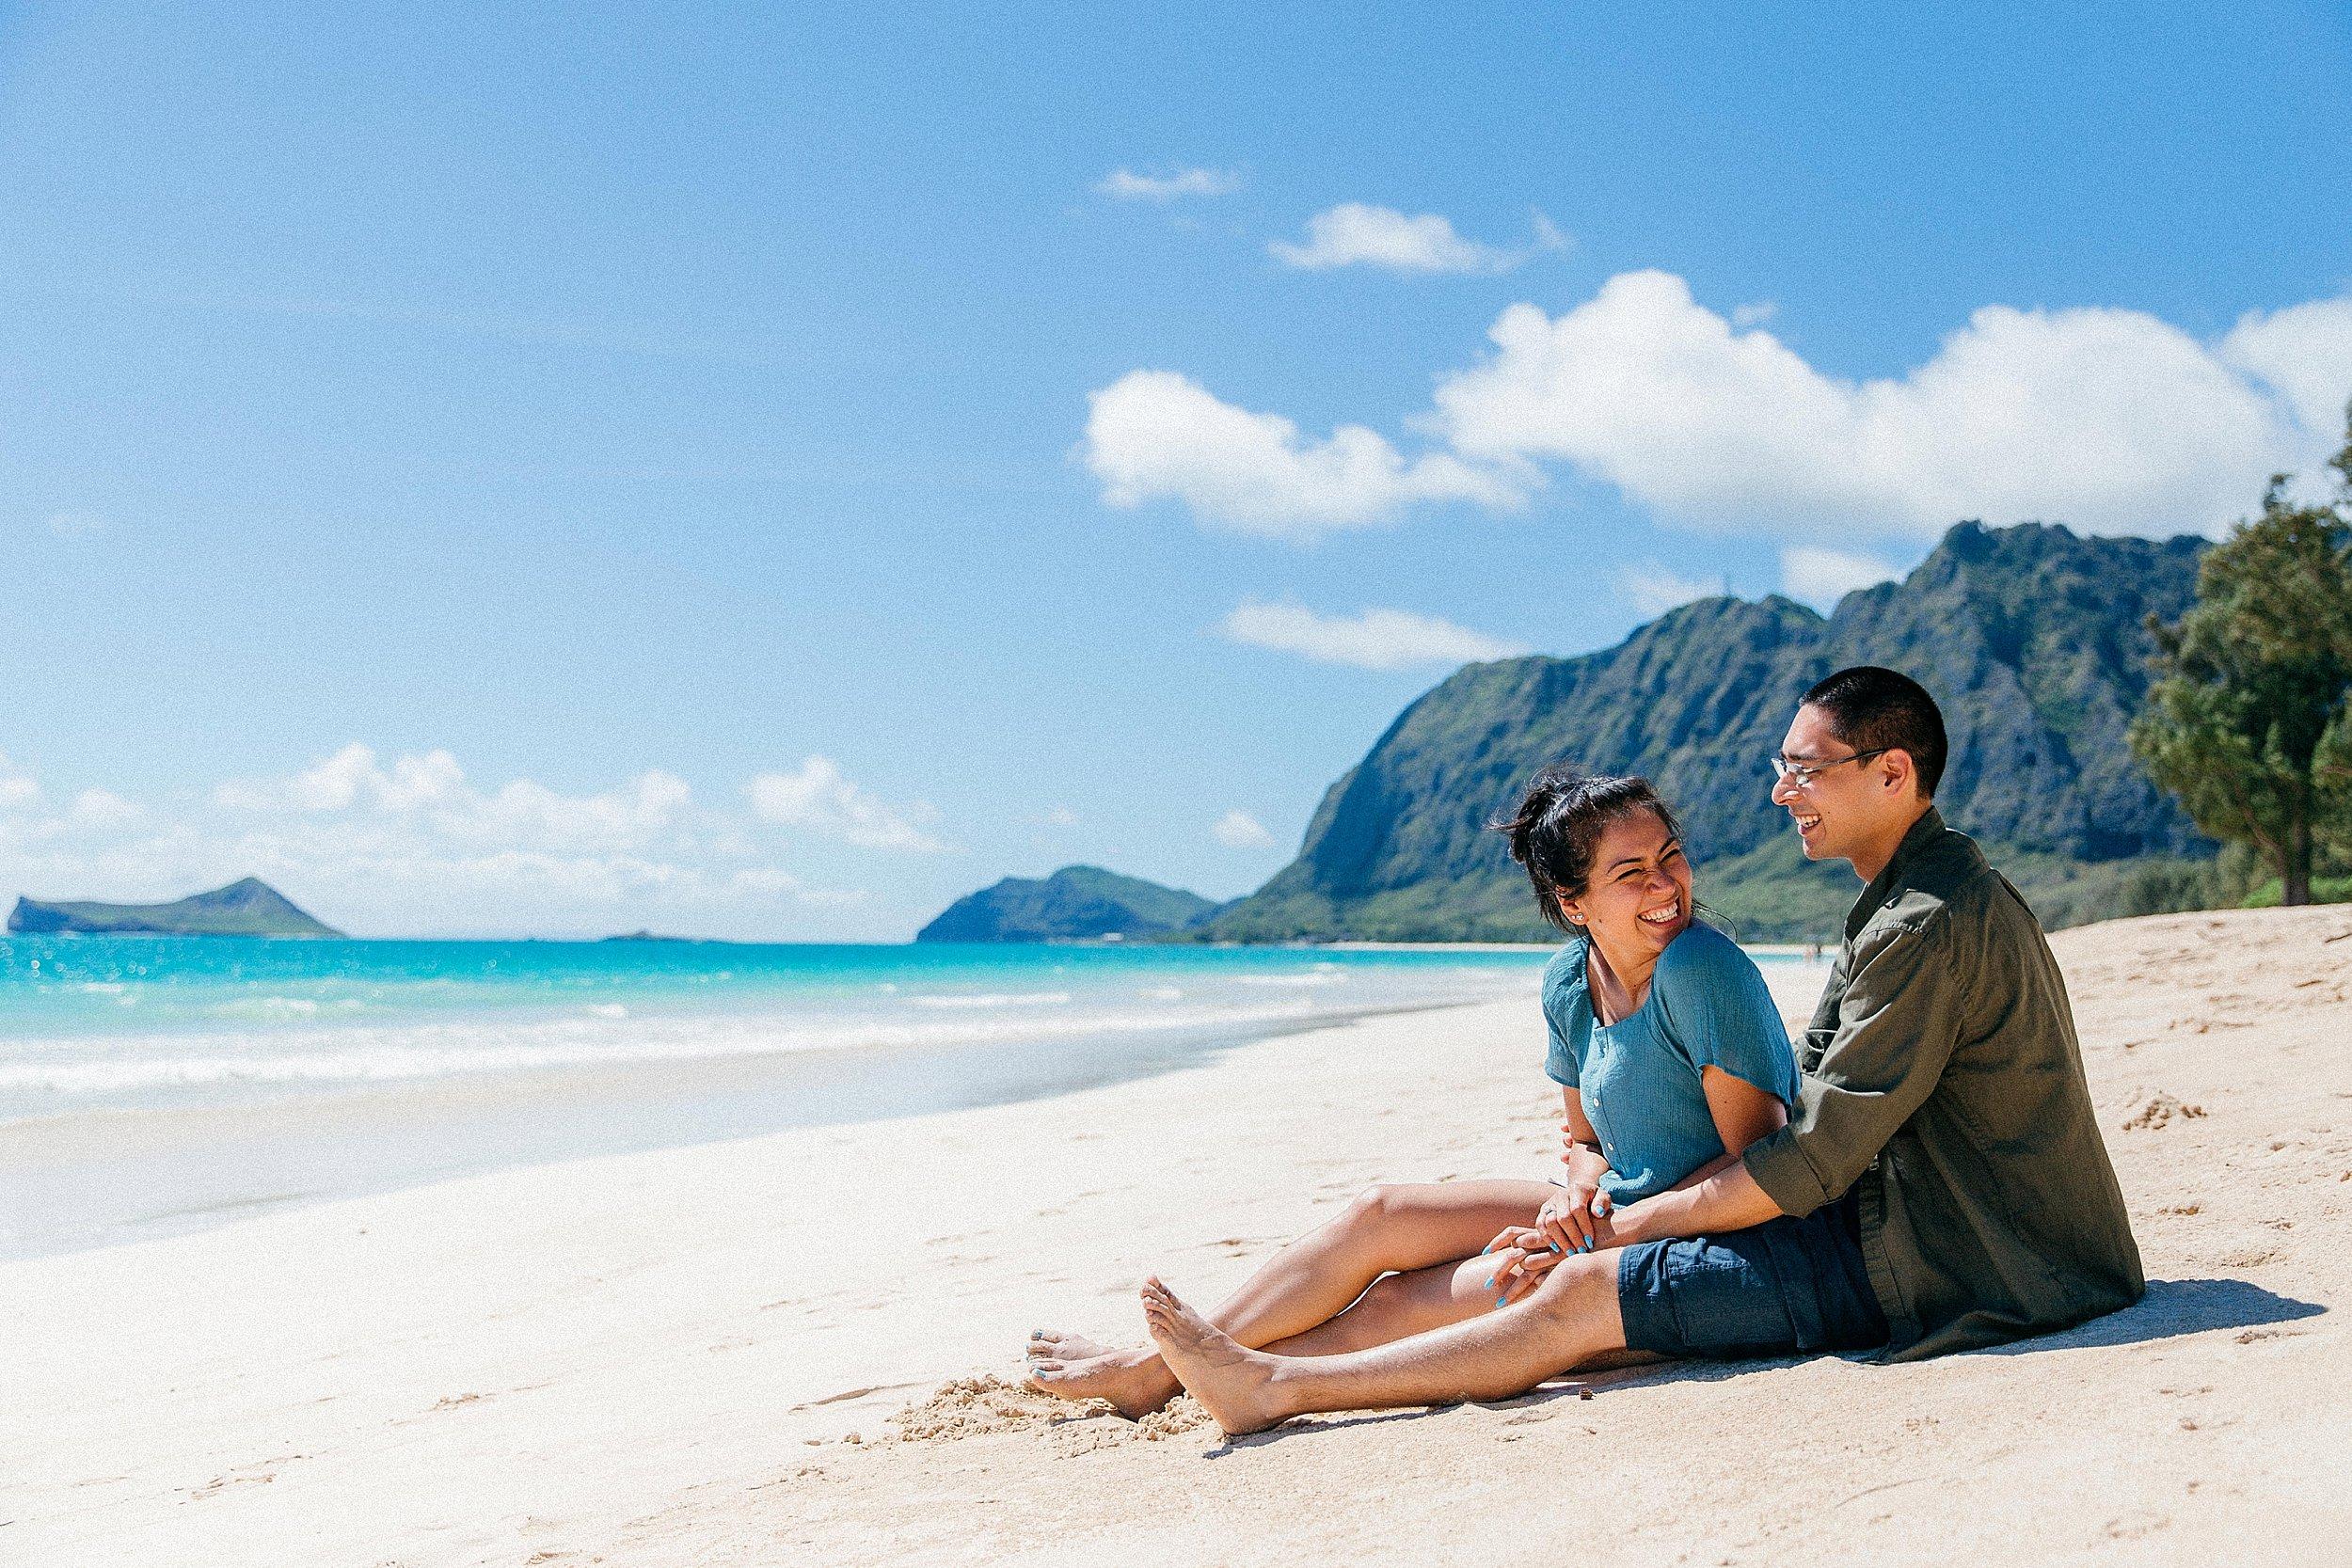 Fun and Playful Mountain Proposal in Waimanalo, Hawaii